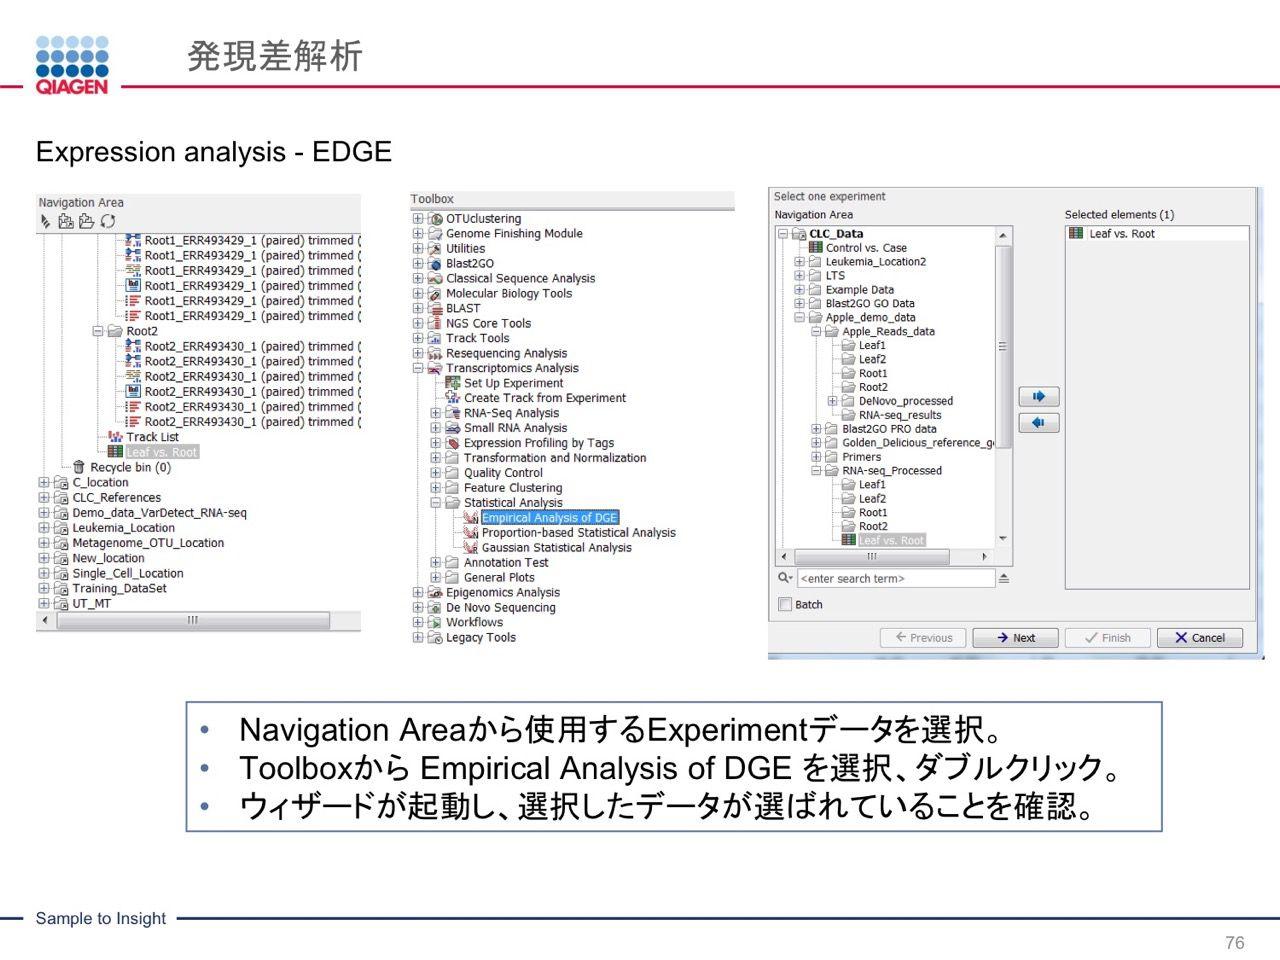 images/AJACSa2_miyamoto_076.jpg